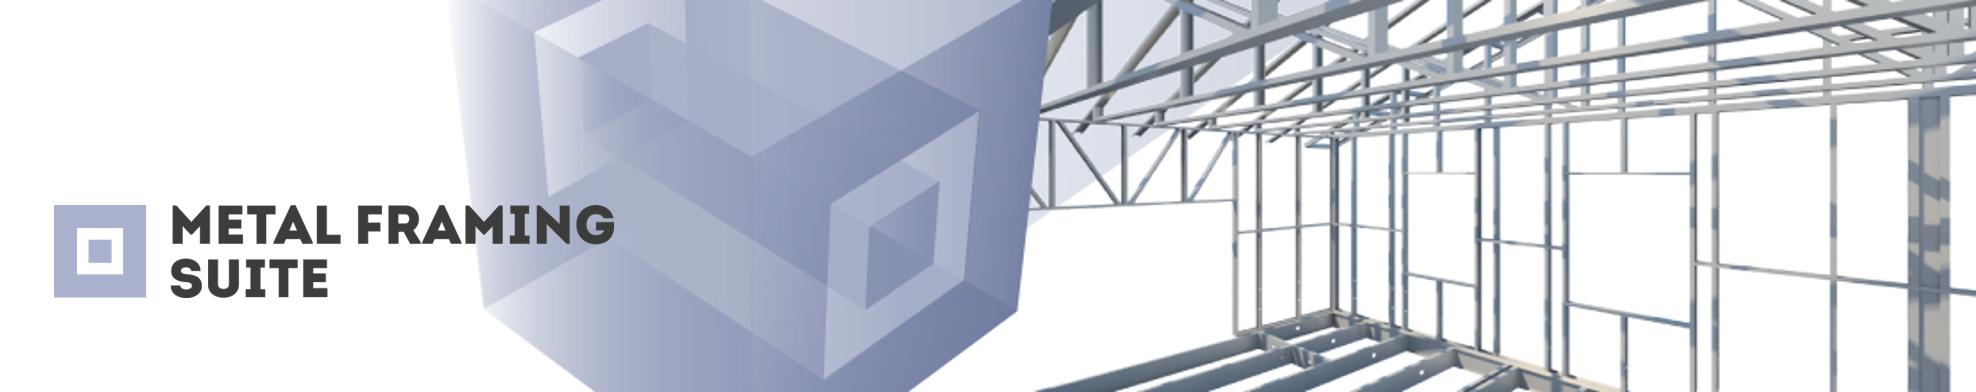 Metal Framing Suite for light steel frame design & fabrication | AGACAD